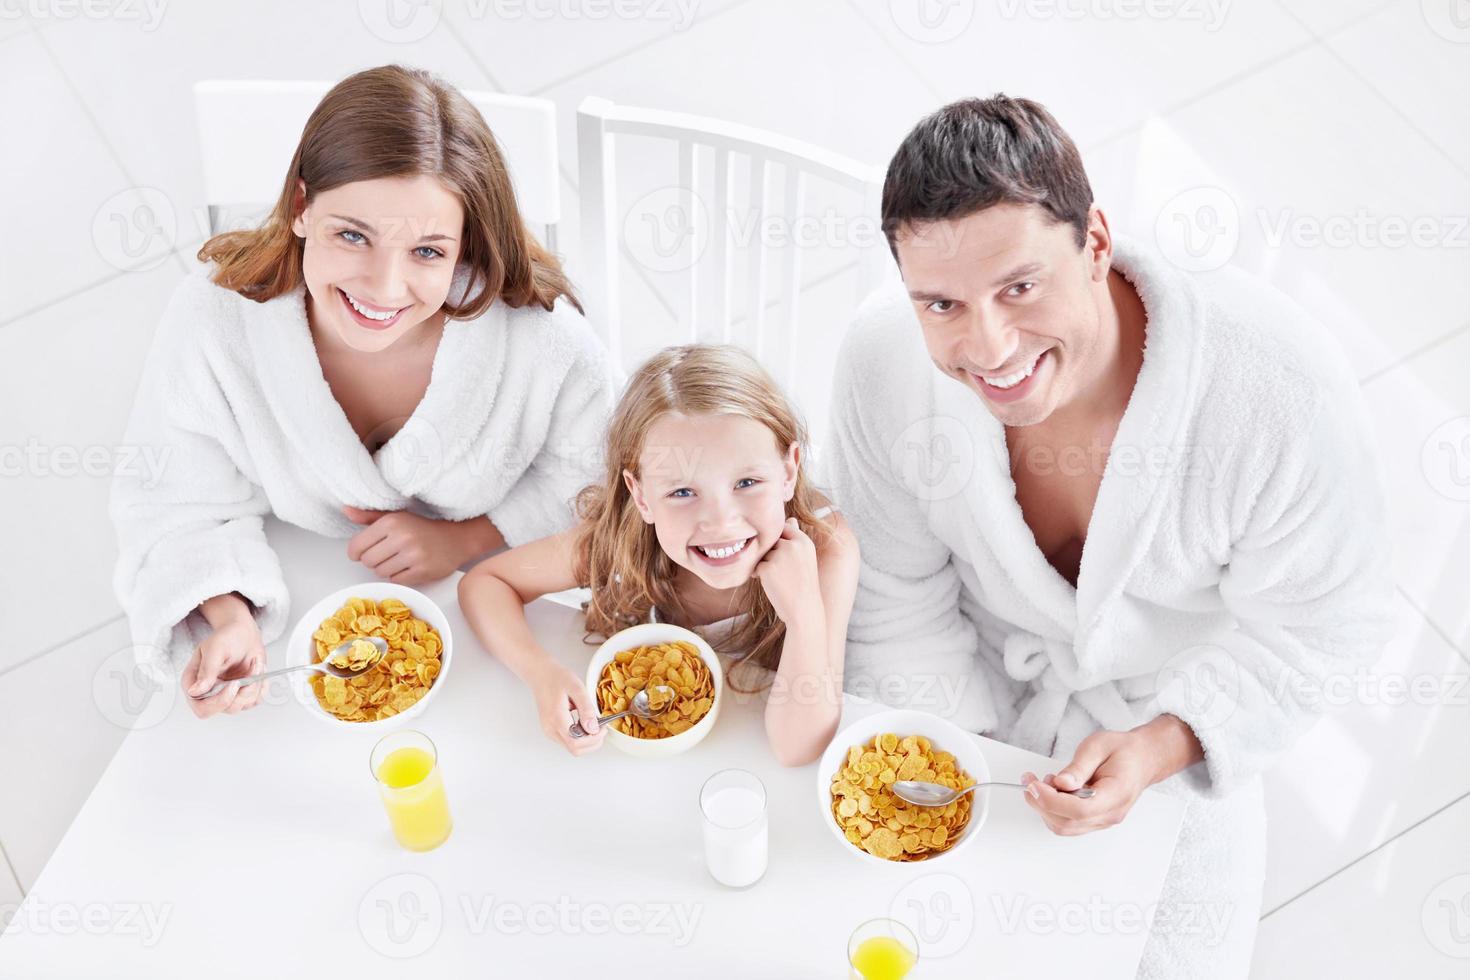 famiglia con bambino foto